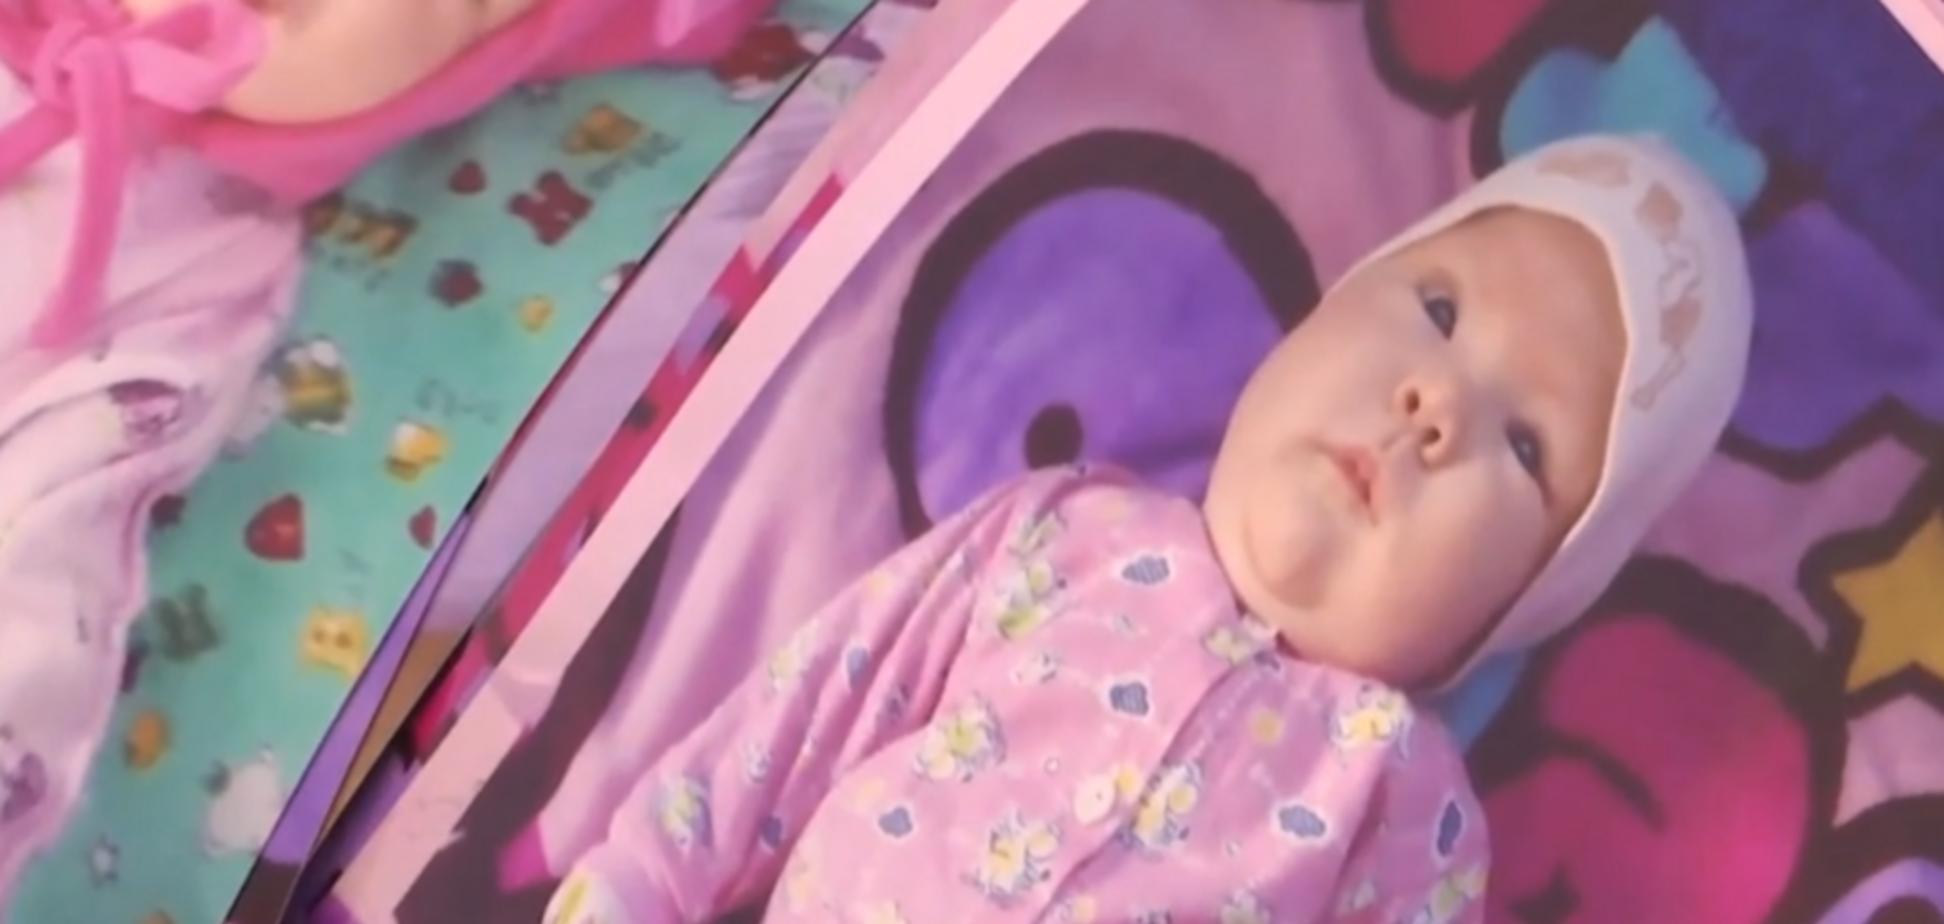 Несло спиртним: у Вінниці спалахнув скандал через страшну смерть немовляти